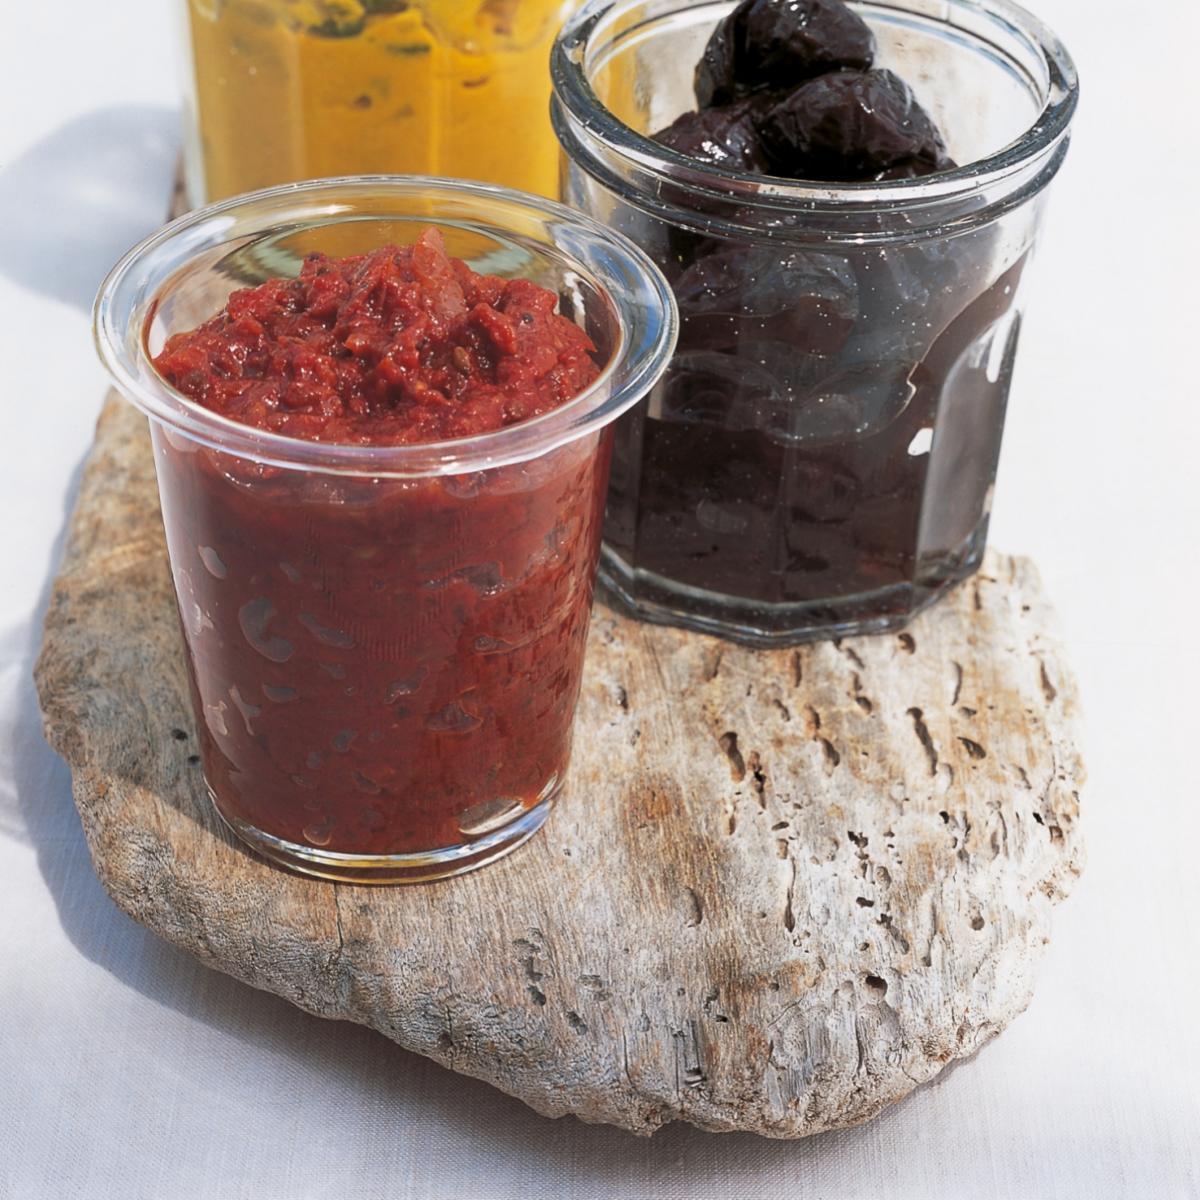 A picture of Delia's Smoky Tomato Chutney recipe